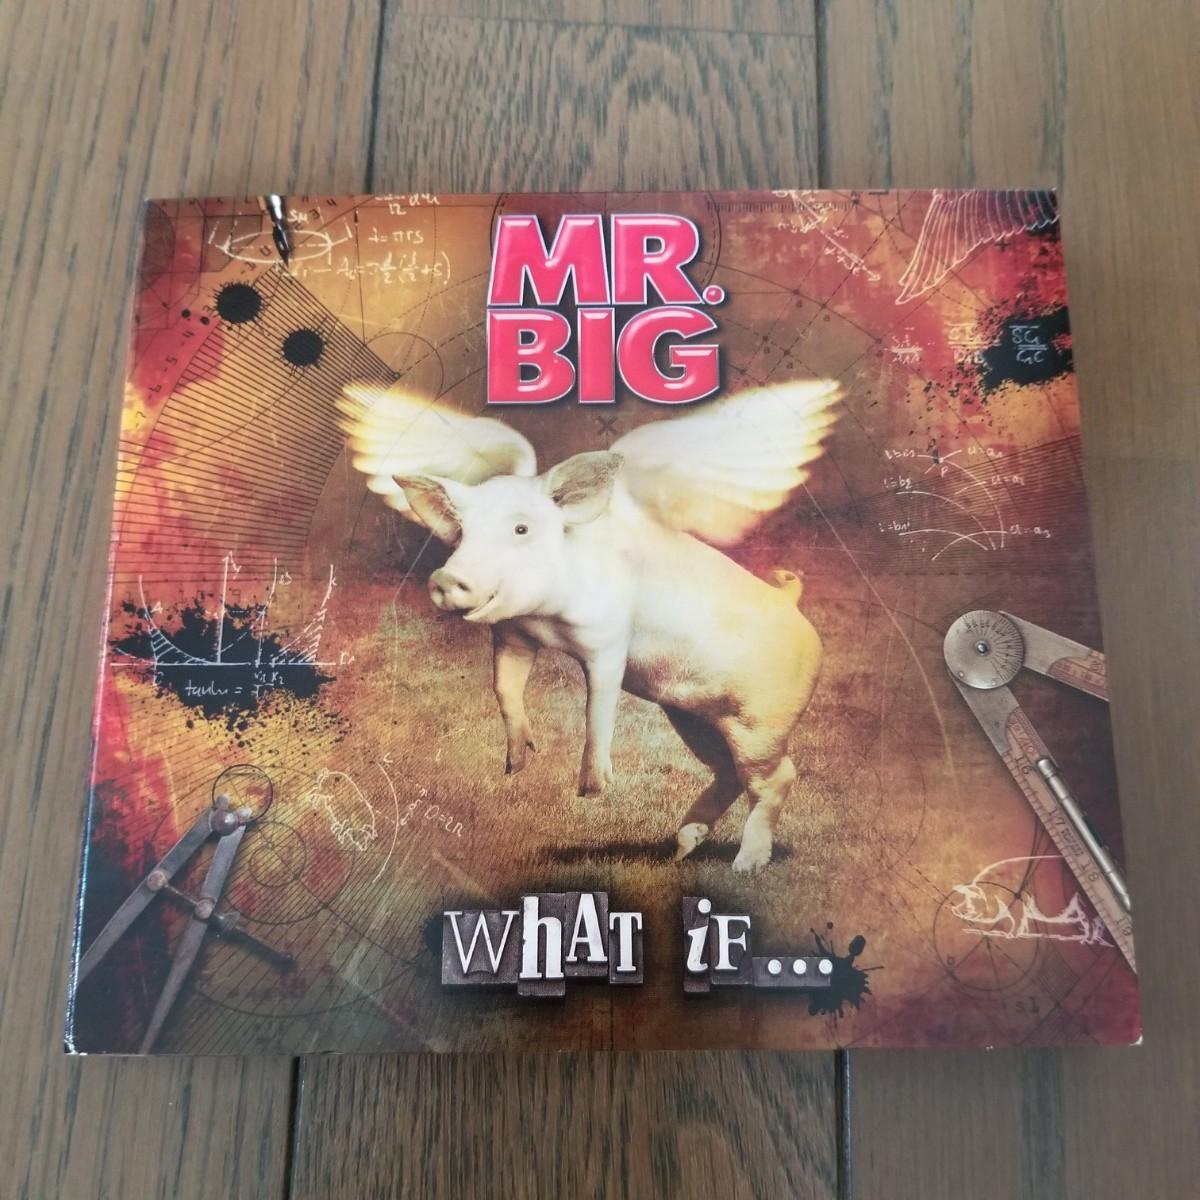 ★MR.BIG「WHAT IF…」ミスタービッグ CD 国内盤見開きデジパック仕様